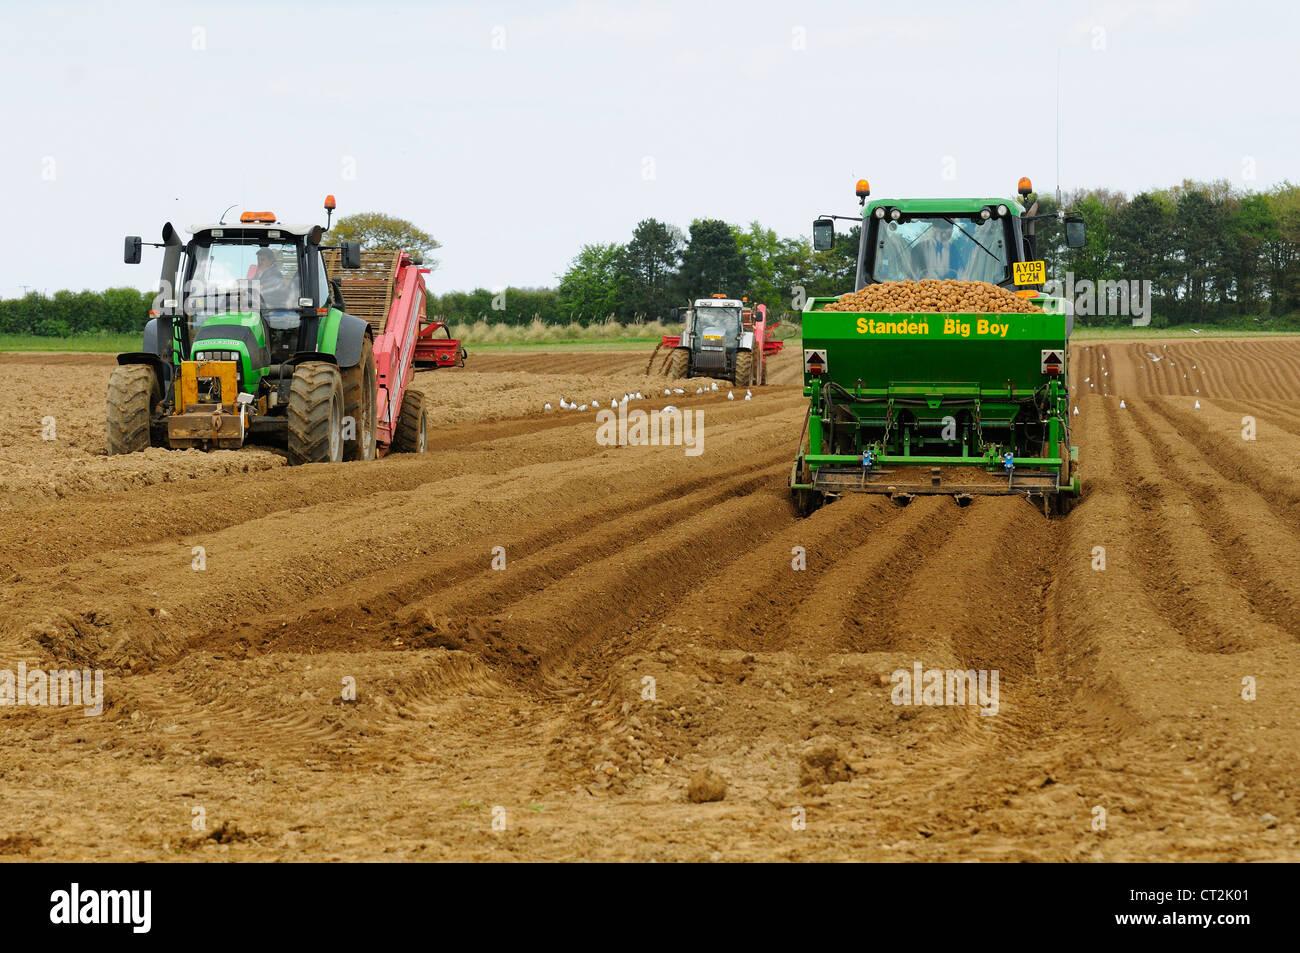 Stock Photo Uk Farming Commercial Potato Growing Tractor With Potato Planter Tractor With Stone Picking Machine On Left Norfolk Uk May